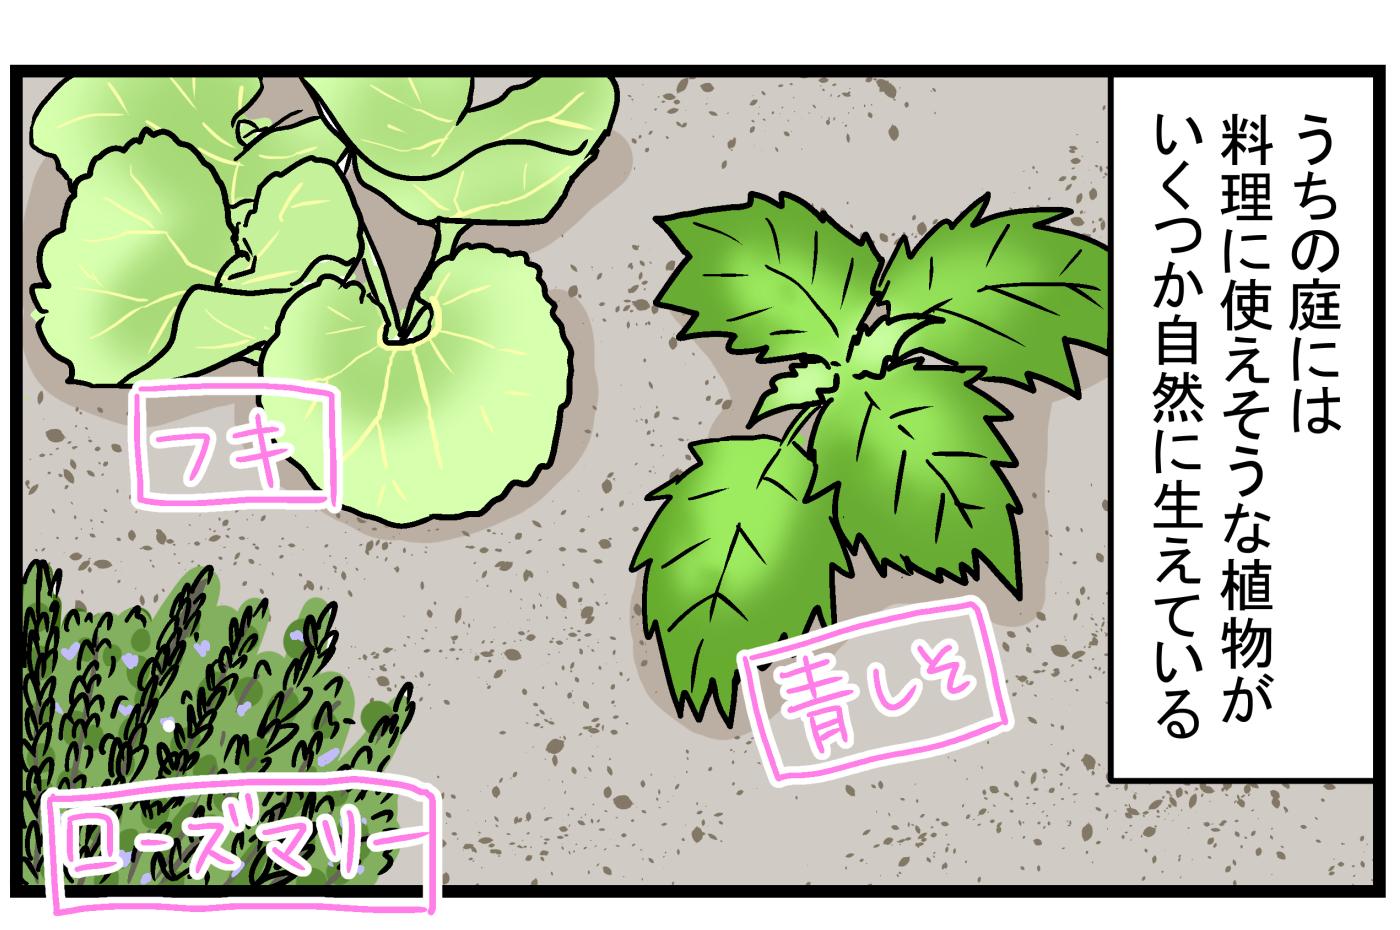 育て方次第では、厄介な雑草になることも!? 庭に生えてきた「ミント」の話